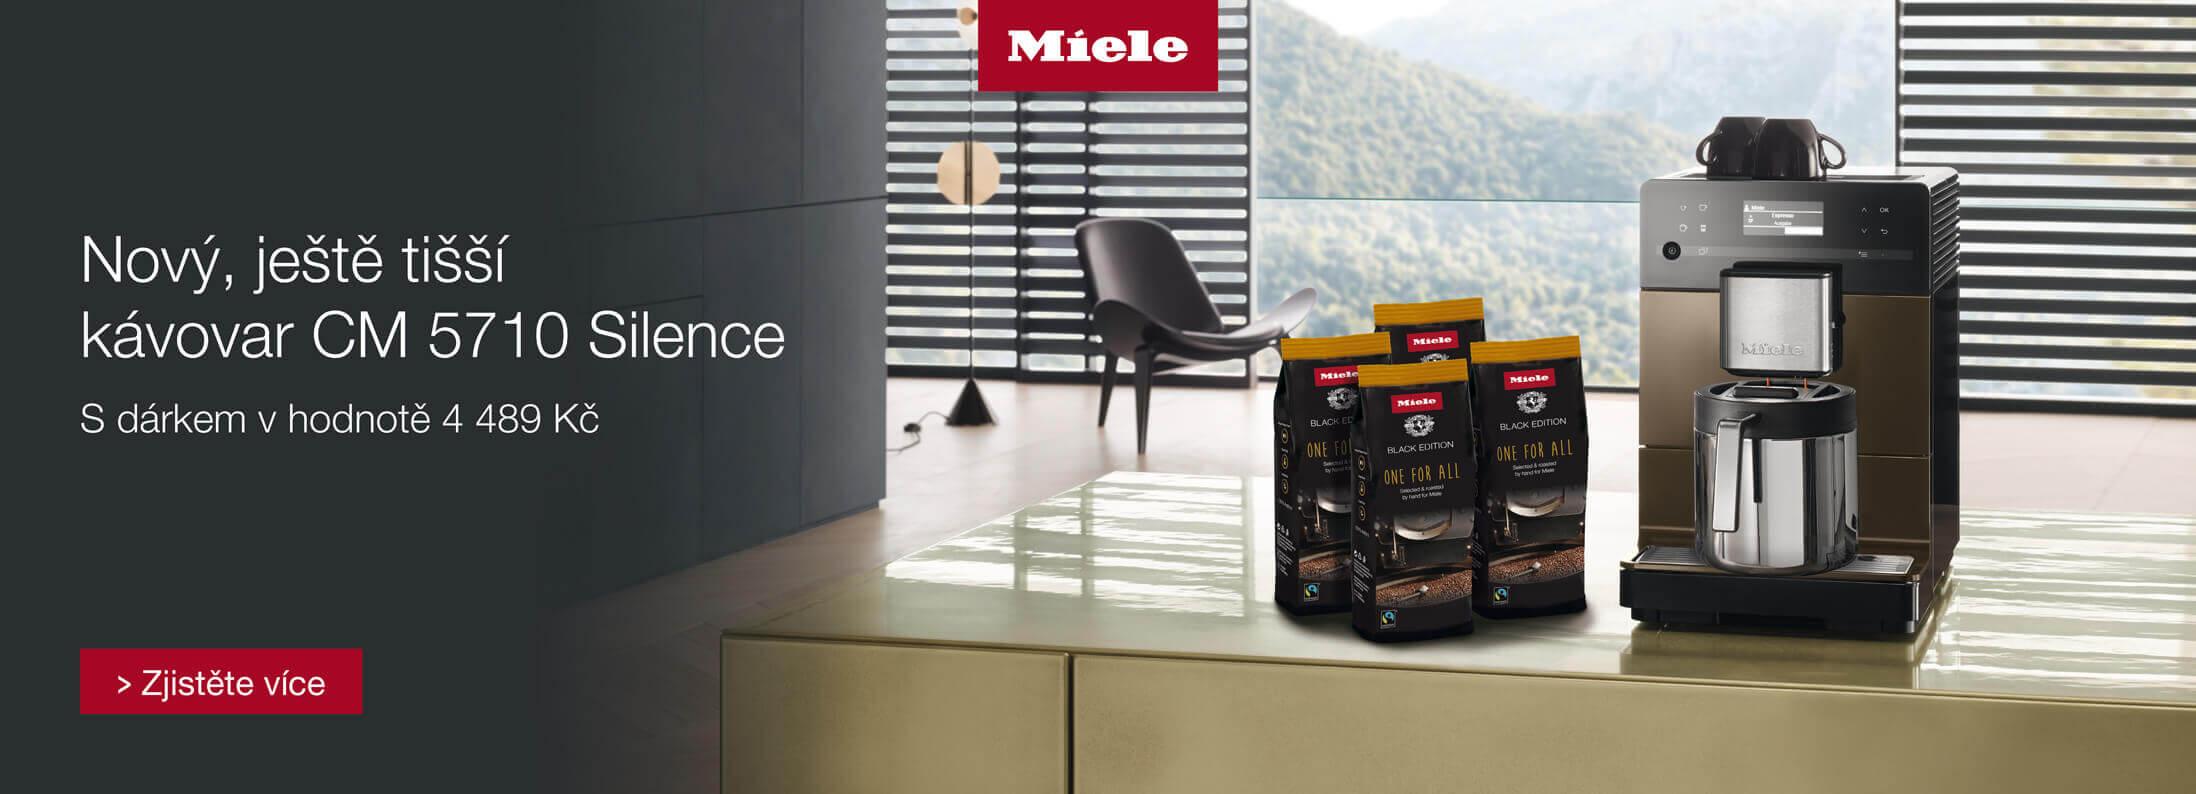 Dárek ke kávovaru Miele CM 5710 Silence